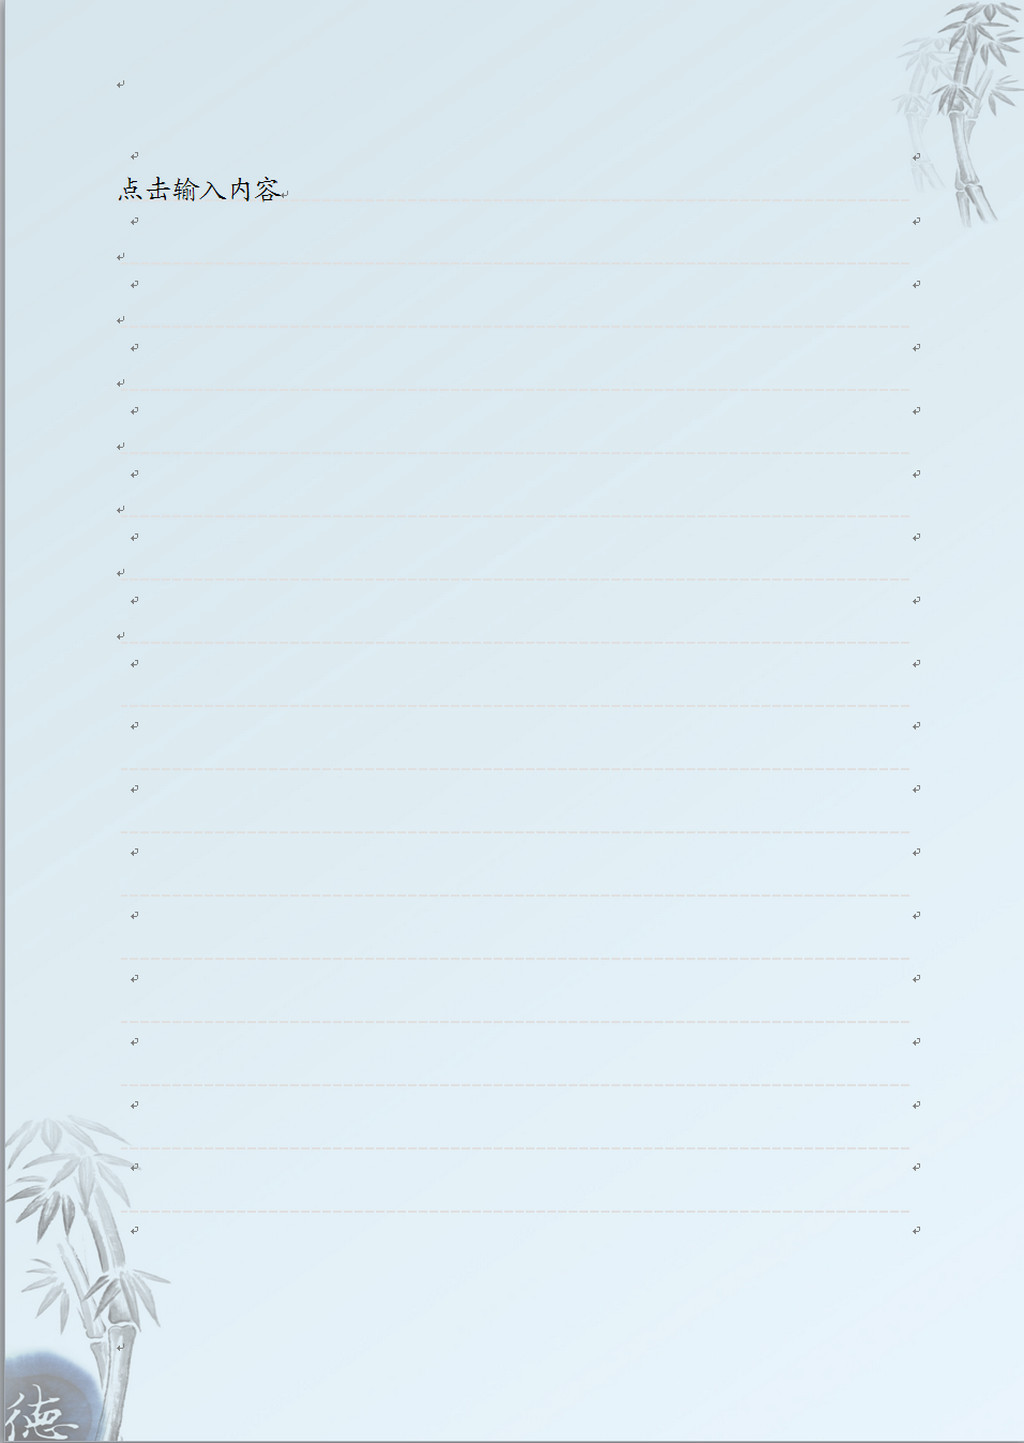 竹林图信纸word模板下载(图片编号:12293855)